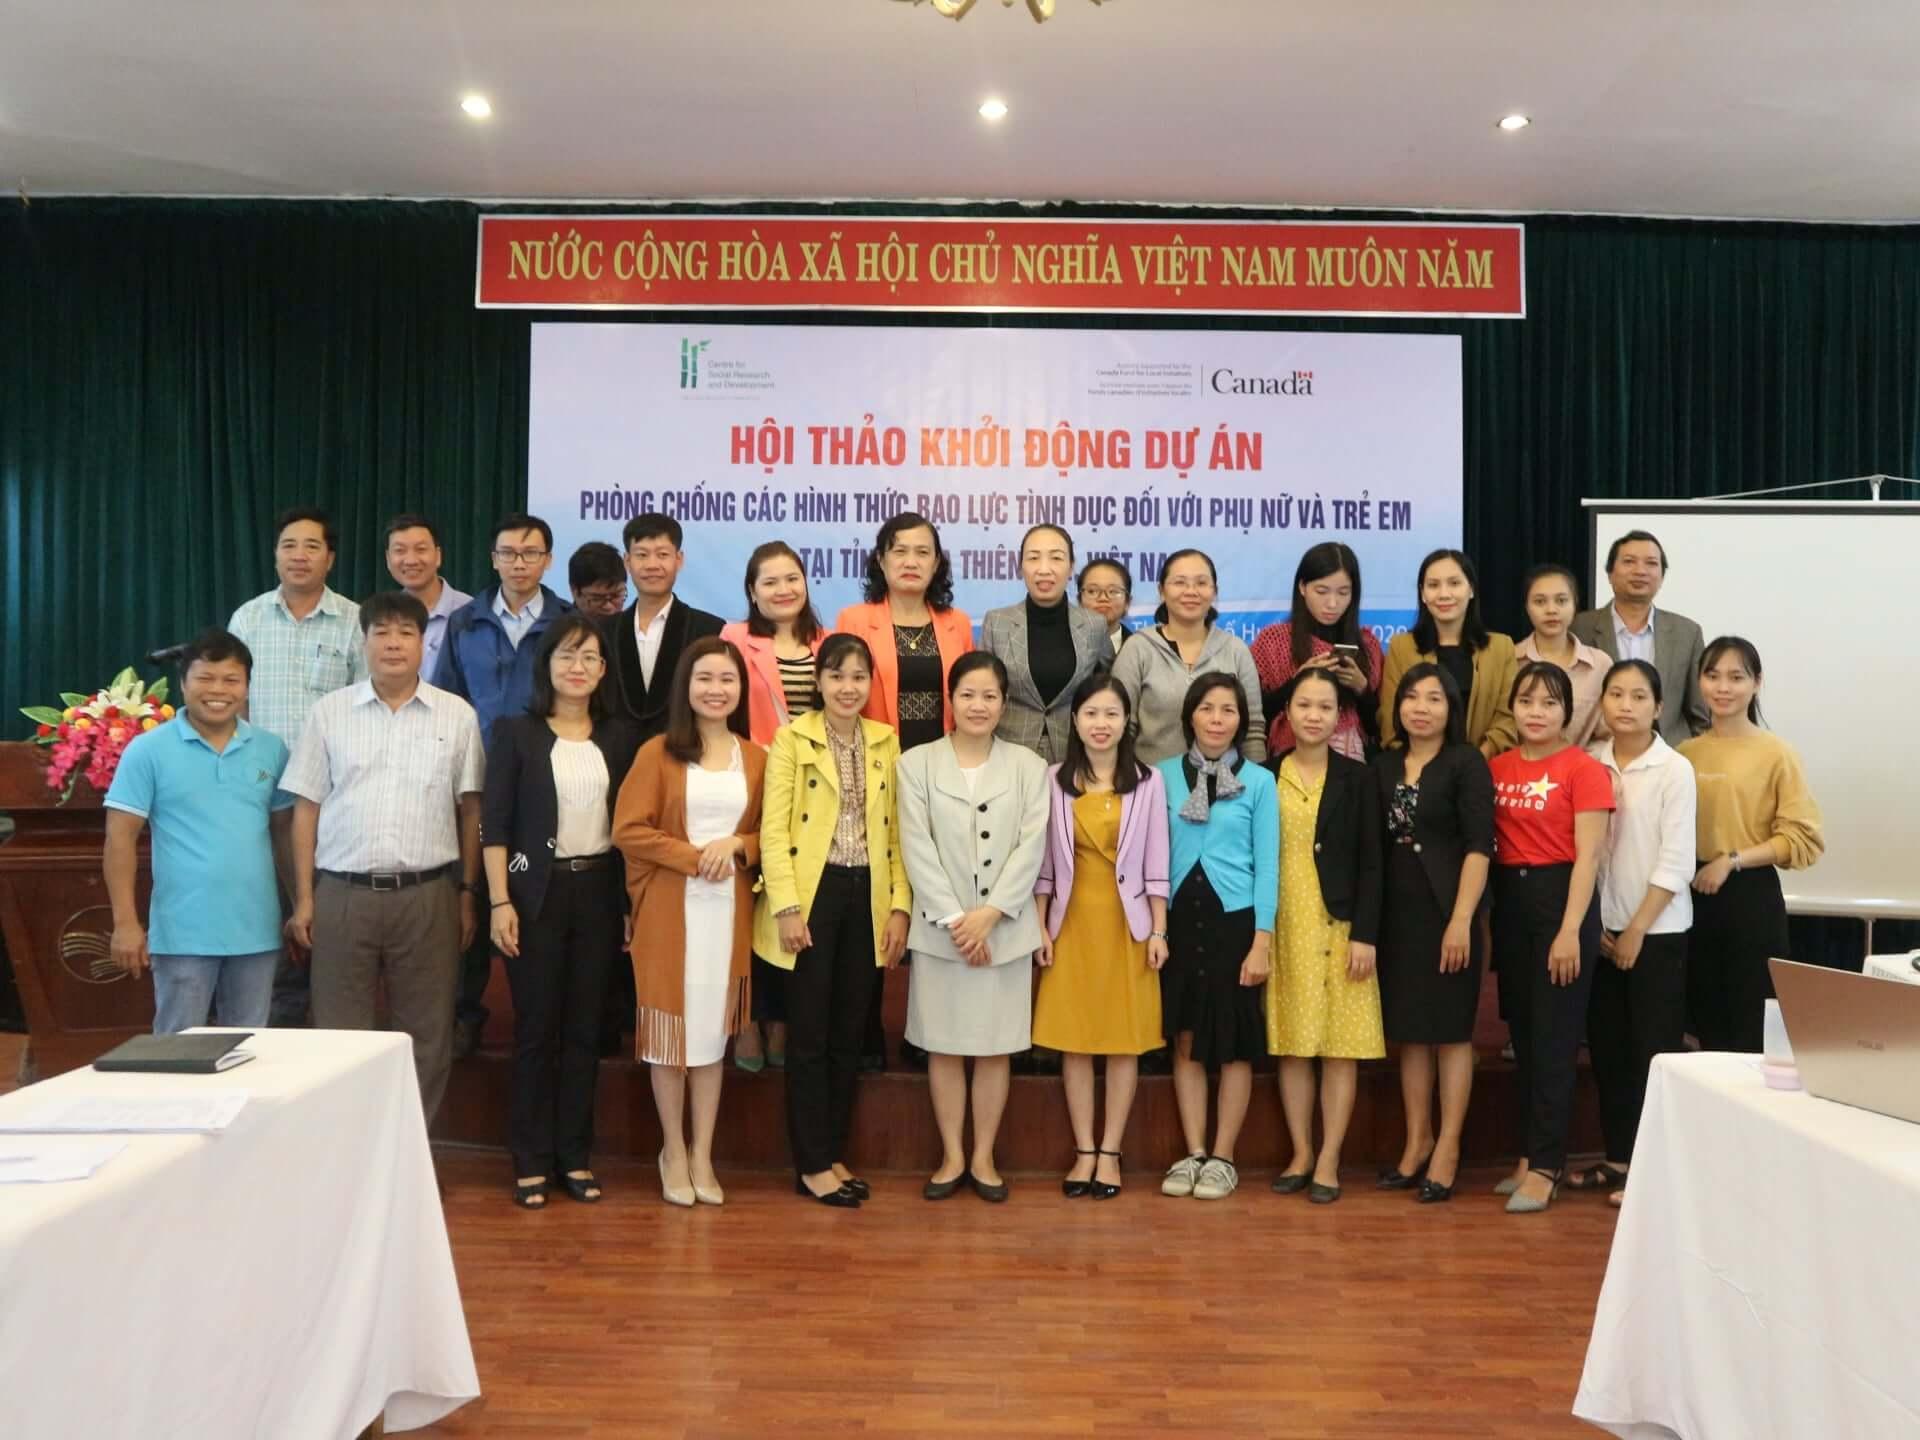 Triển khai dự án về chủ đề Bạo lực Giới tại tỉnh Thừa Thiên Huế